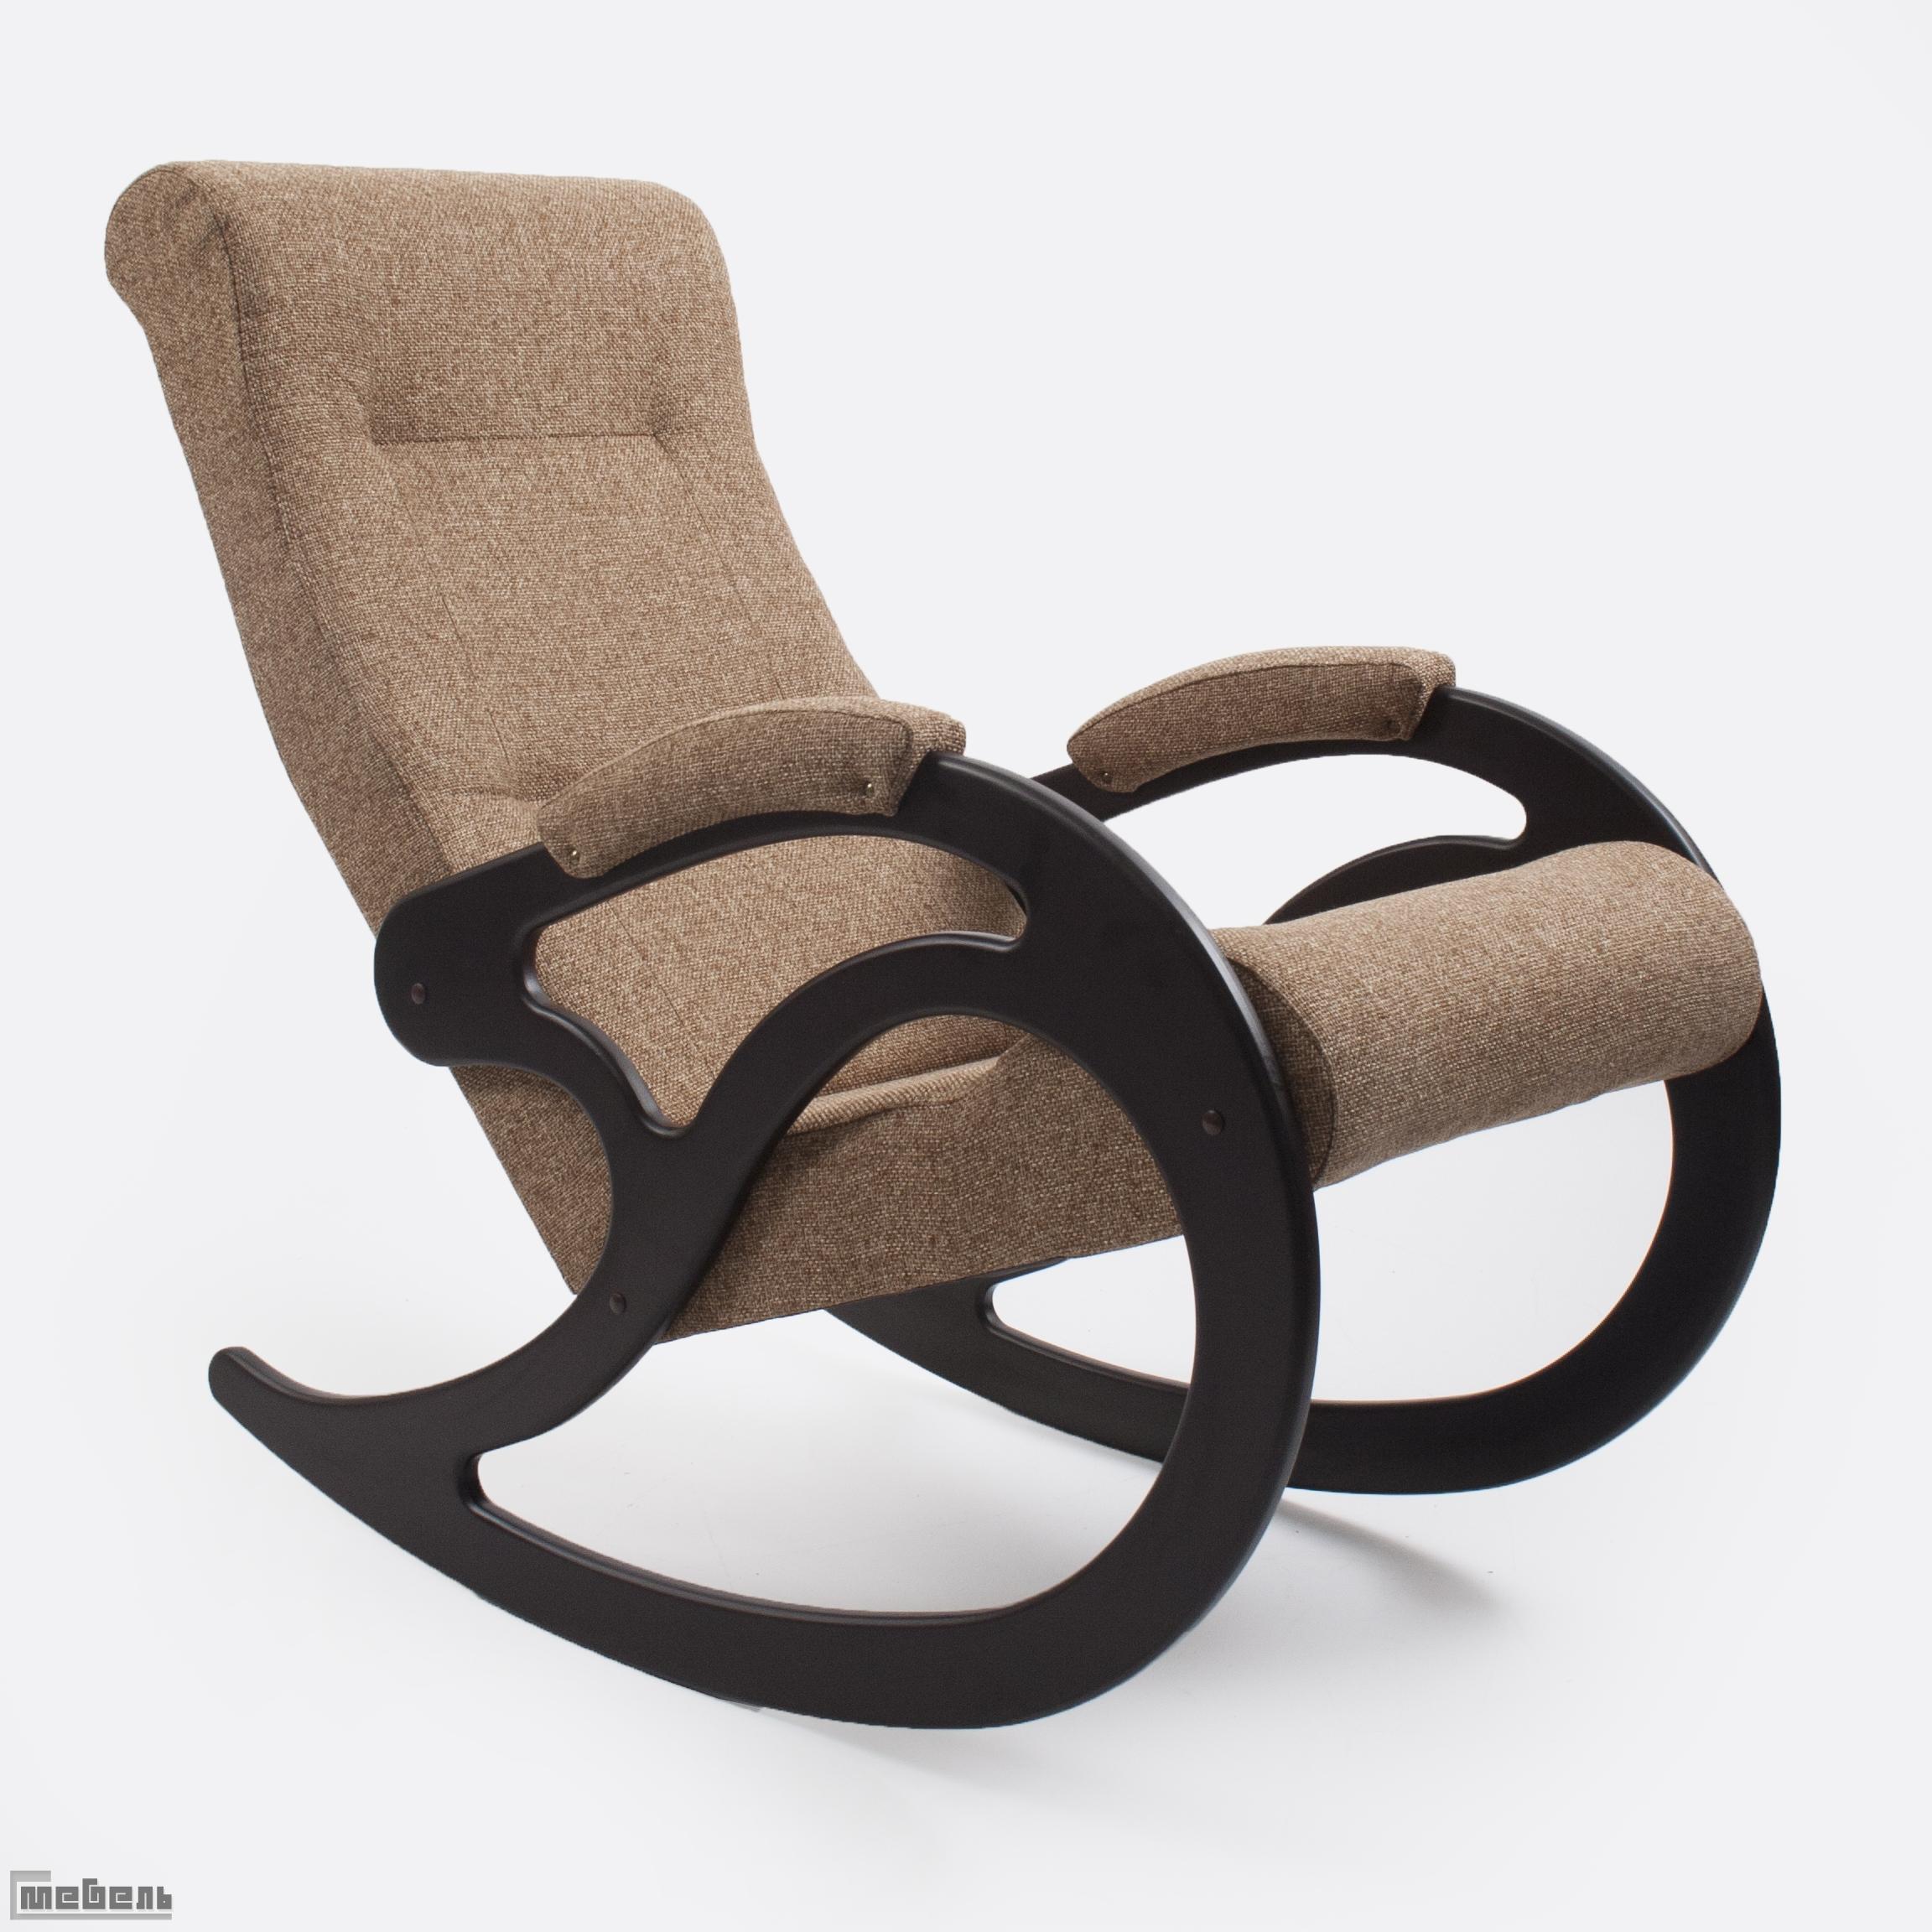 Кресло-качалка, модель 5 (013.005), ткань Мальта 17А